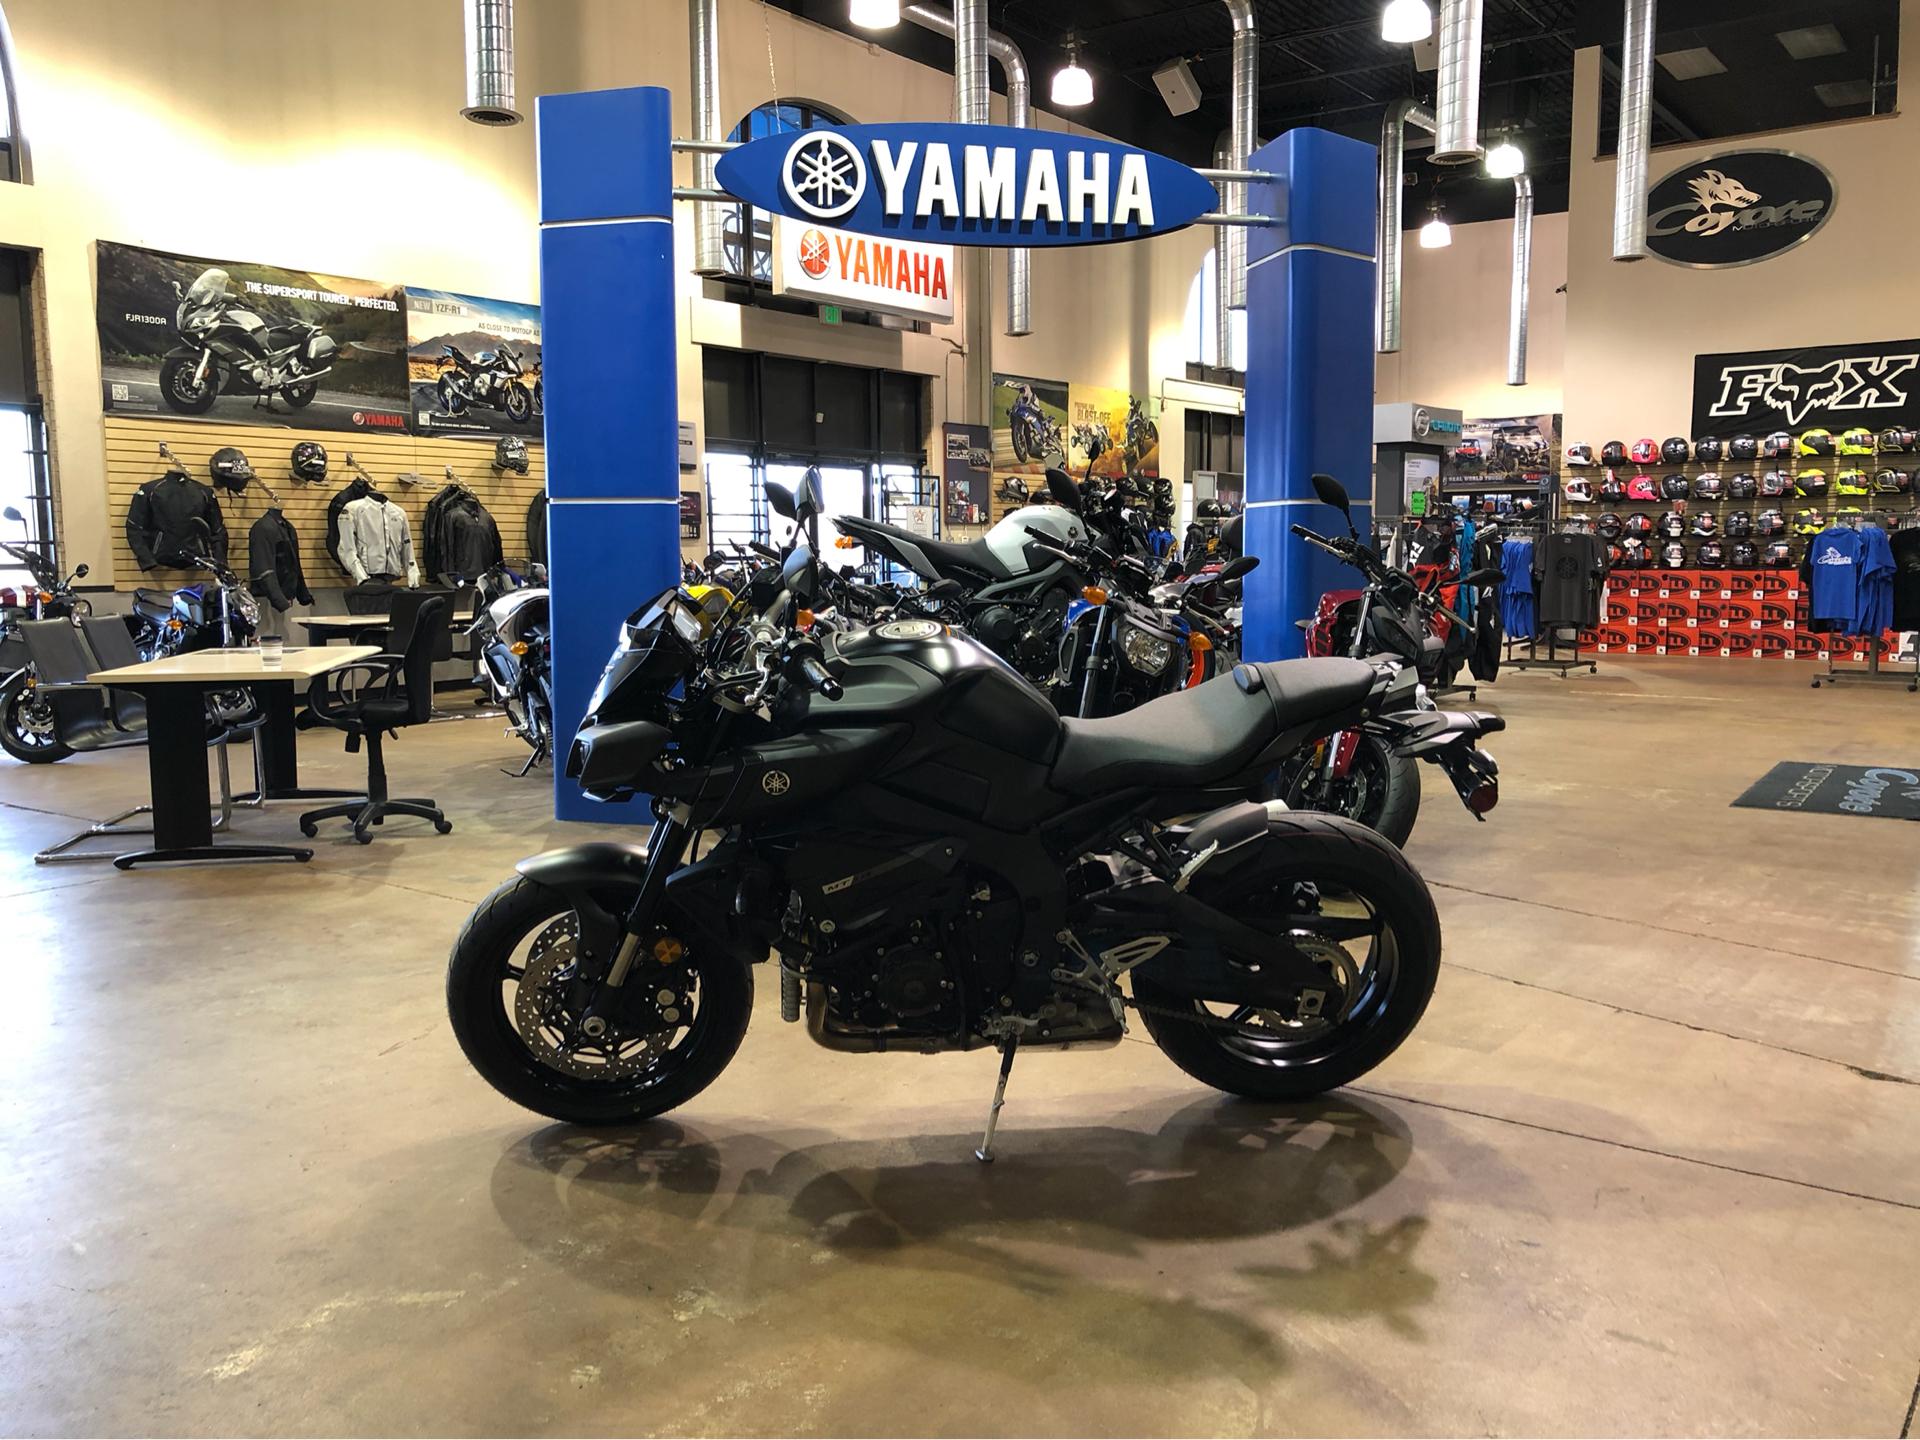 2019 Yamaha Mt 10 In Denver Colorado